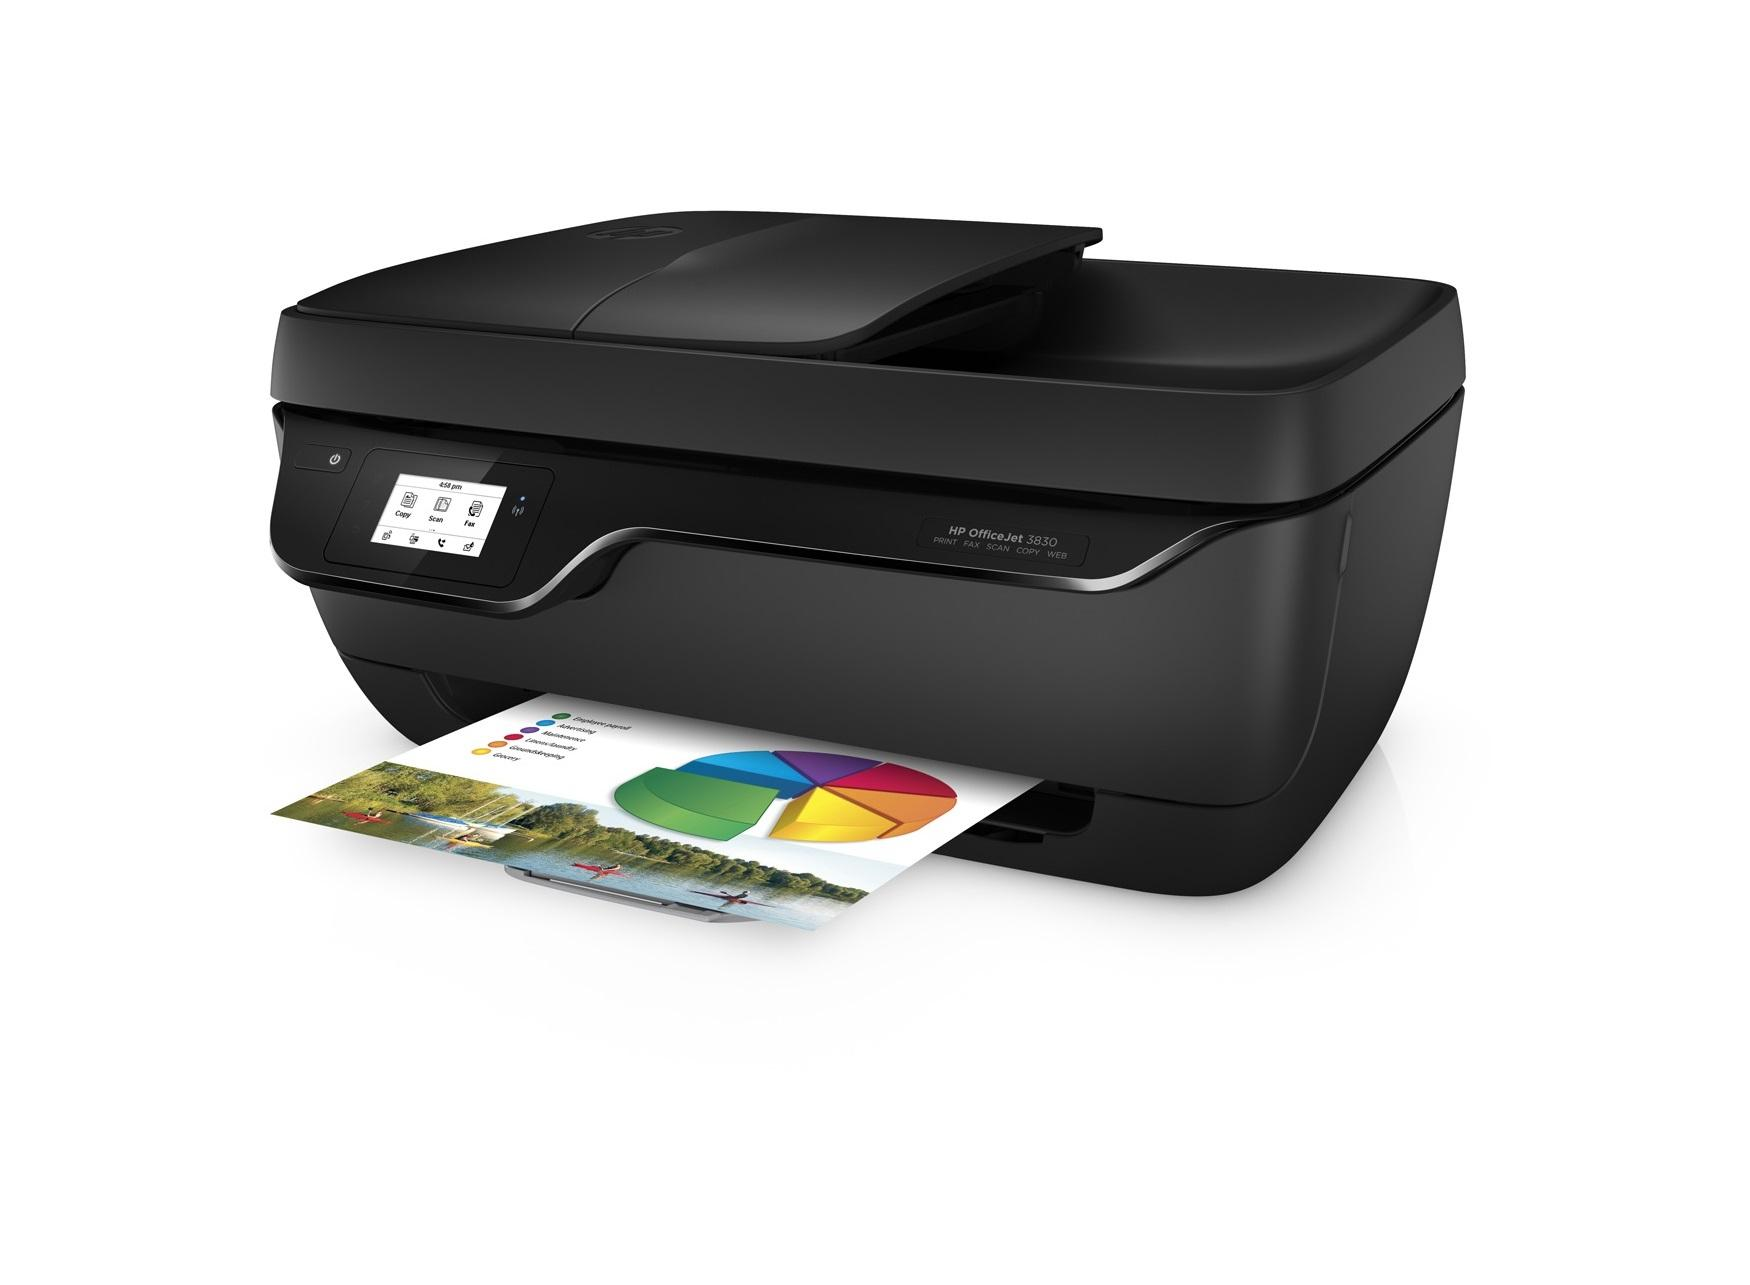 Hp Officejet 3833 Stampante Multifunzione Con 4 Mesi Di